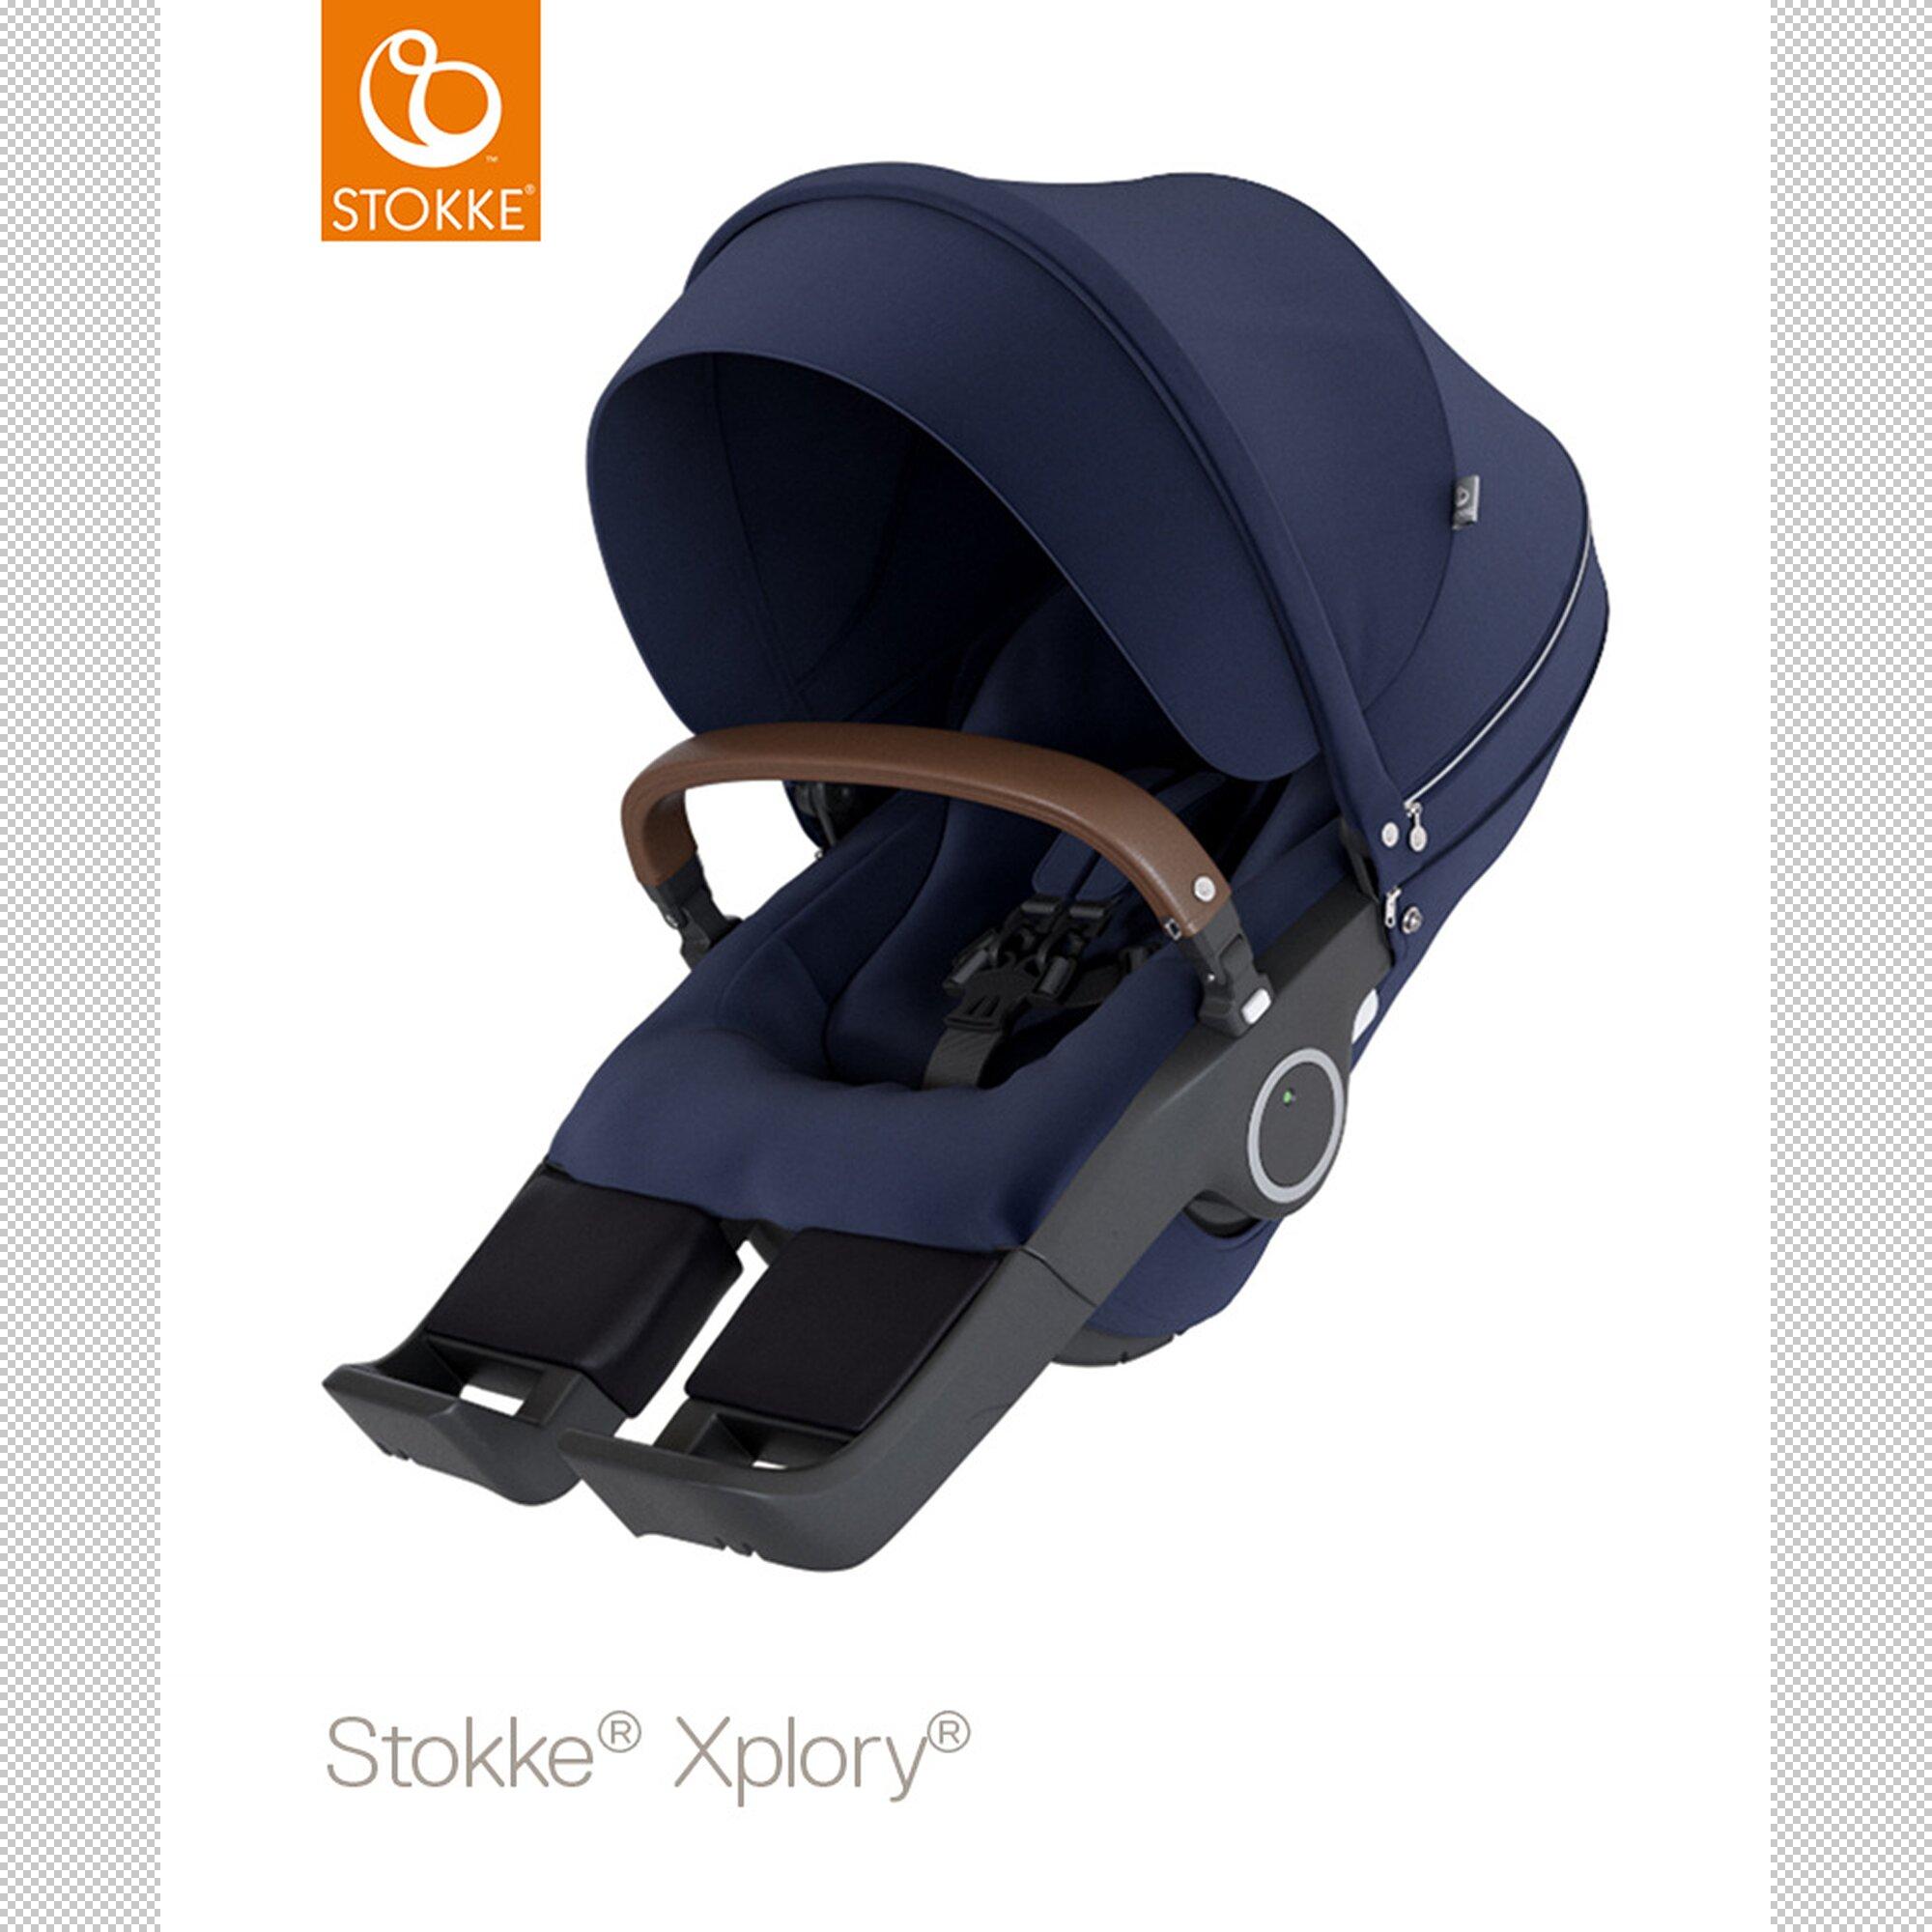 stokke-sitzaufsatz-fur-xplory-v6-design-2018-blau